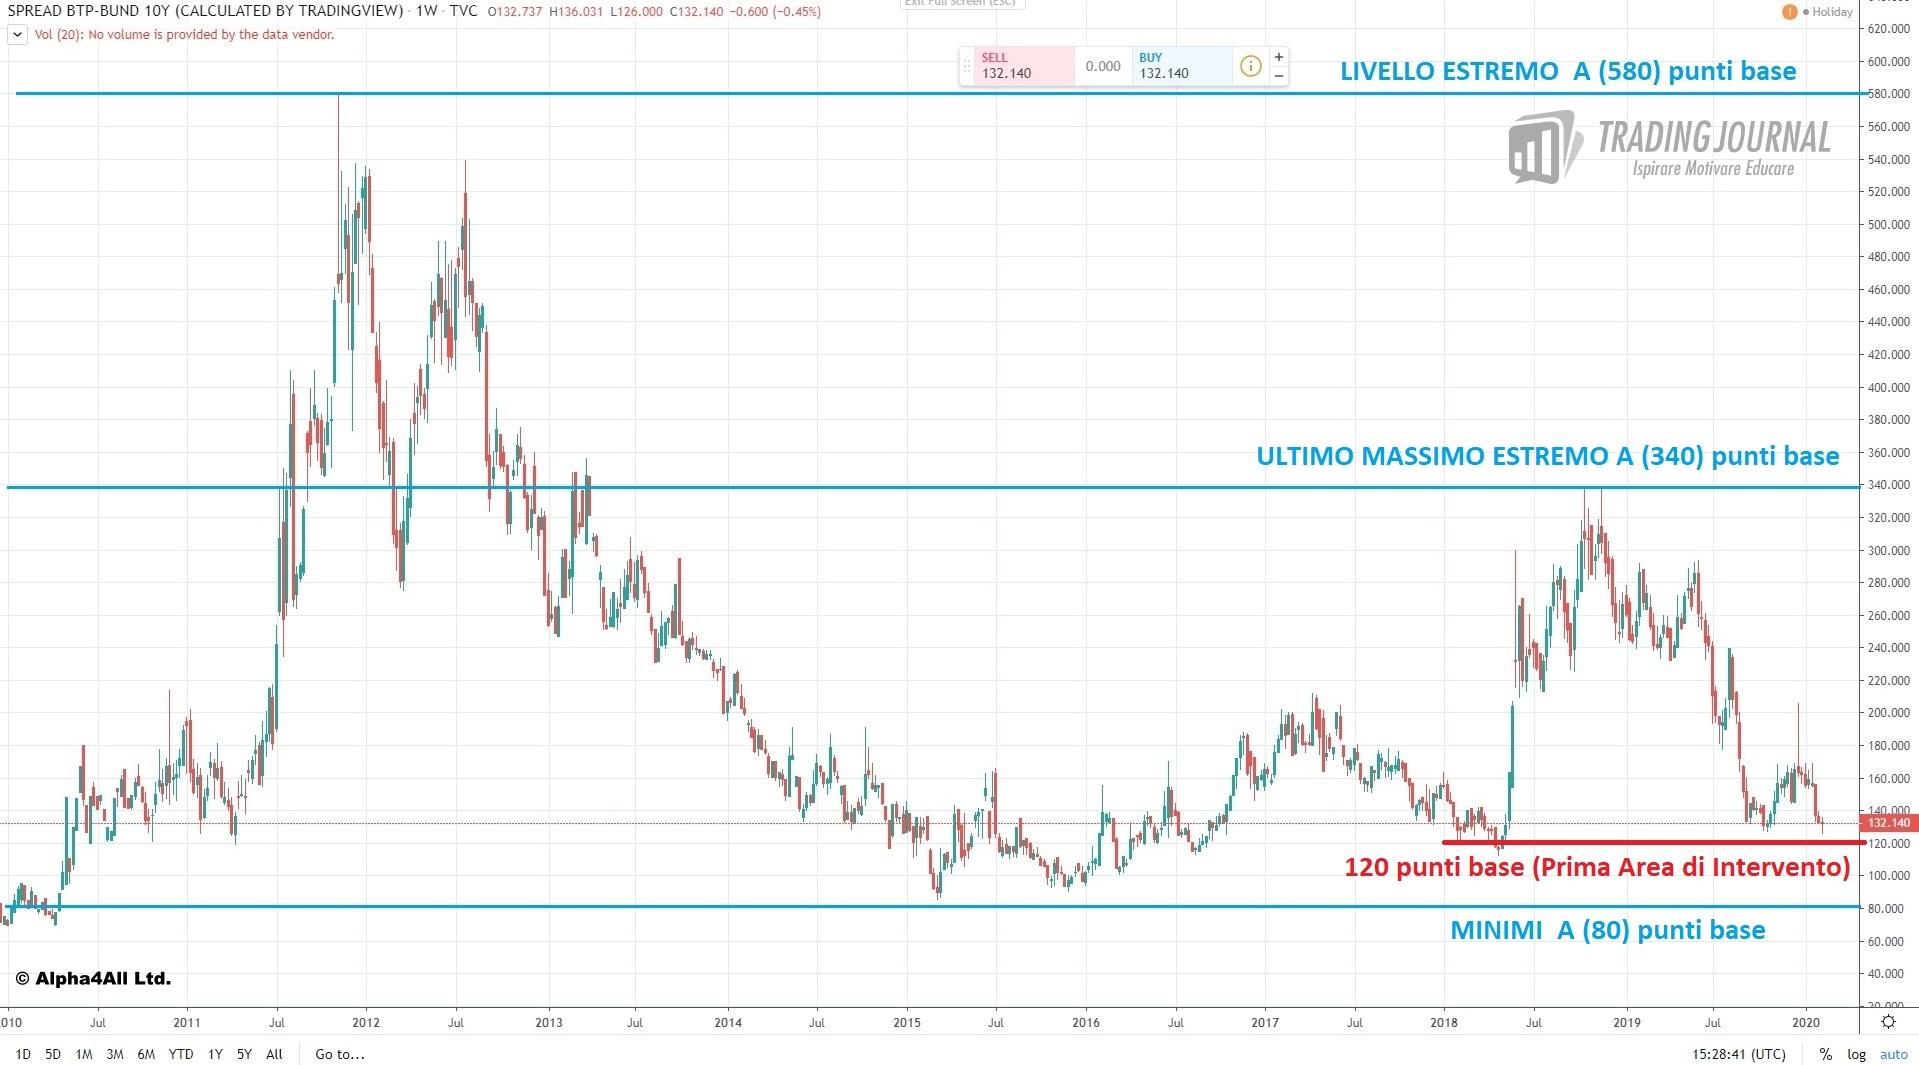 Spread BTP/Bund: livelli negli ultimi 12 anni